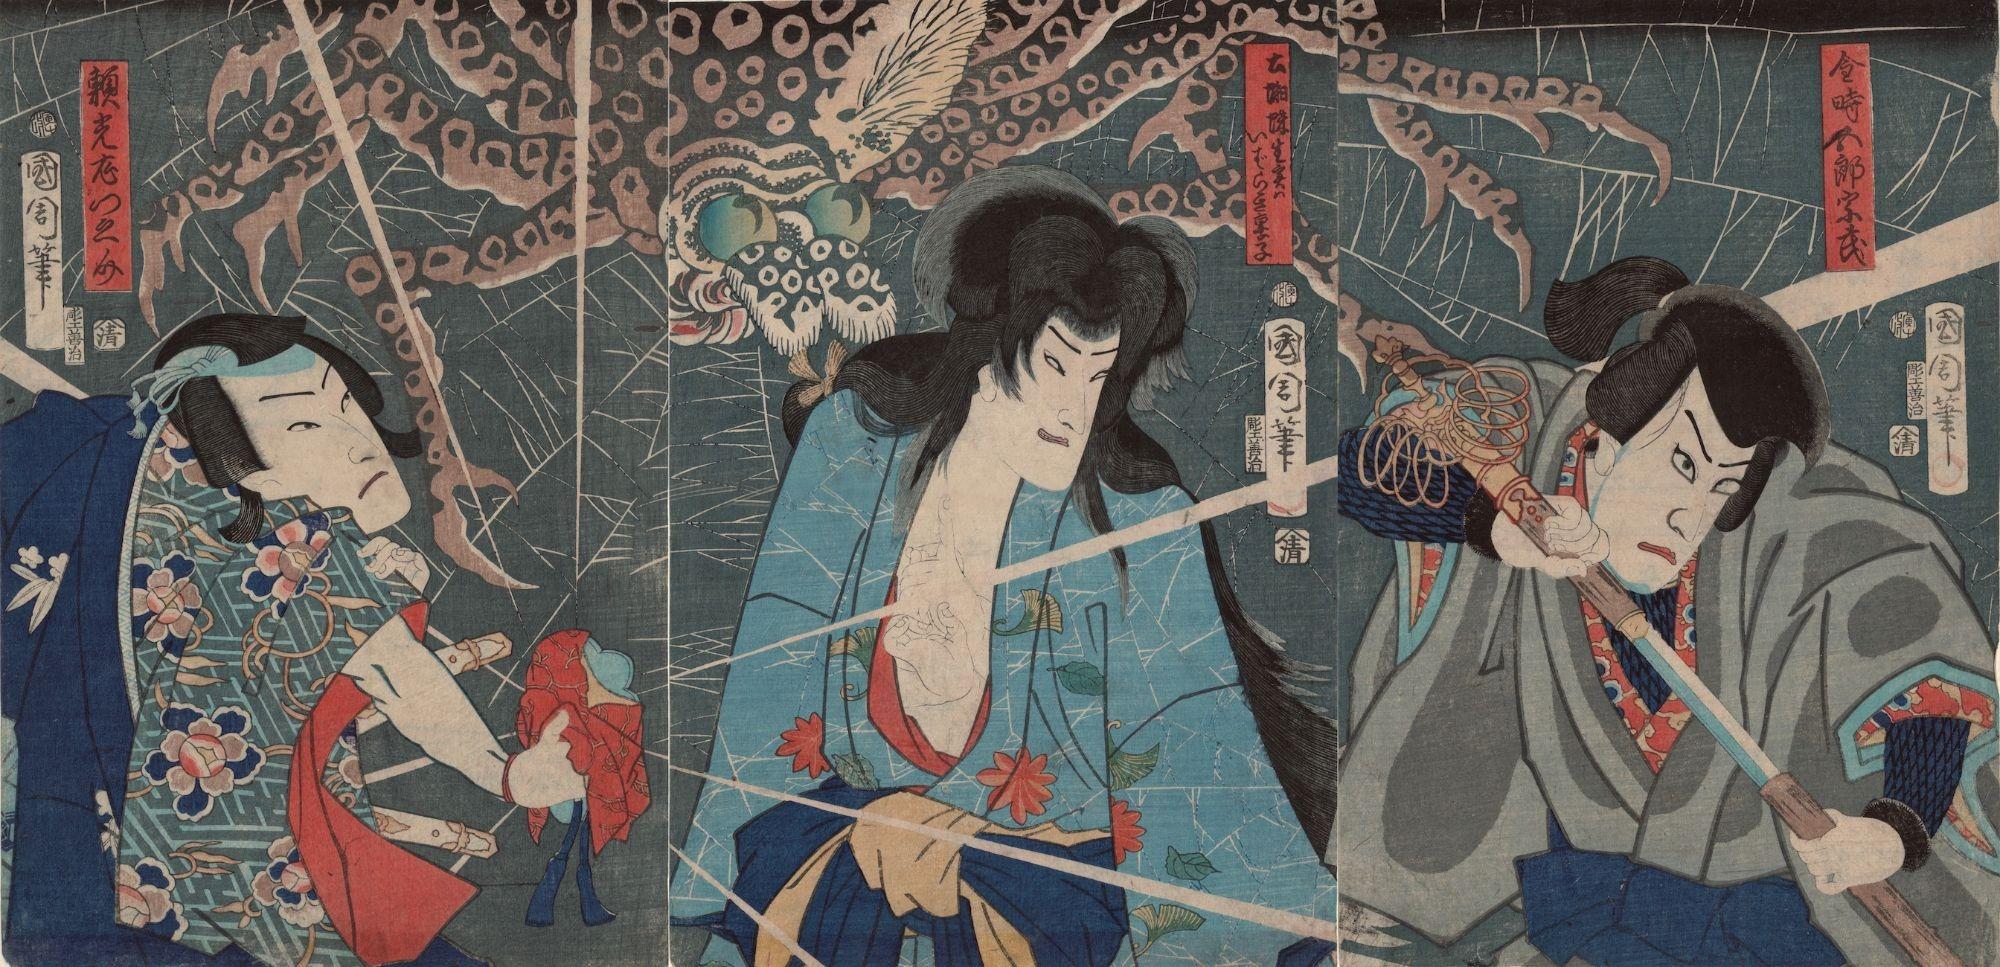 kunichikatsuchigumoearthspiderd-1613994117.jpg